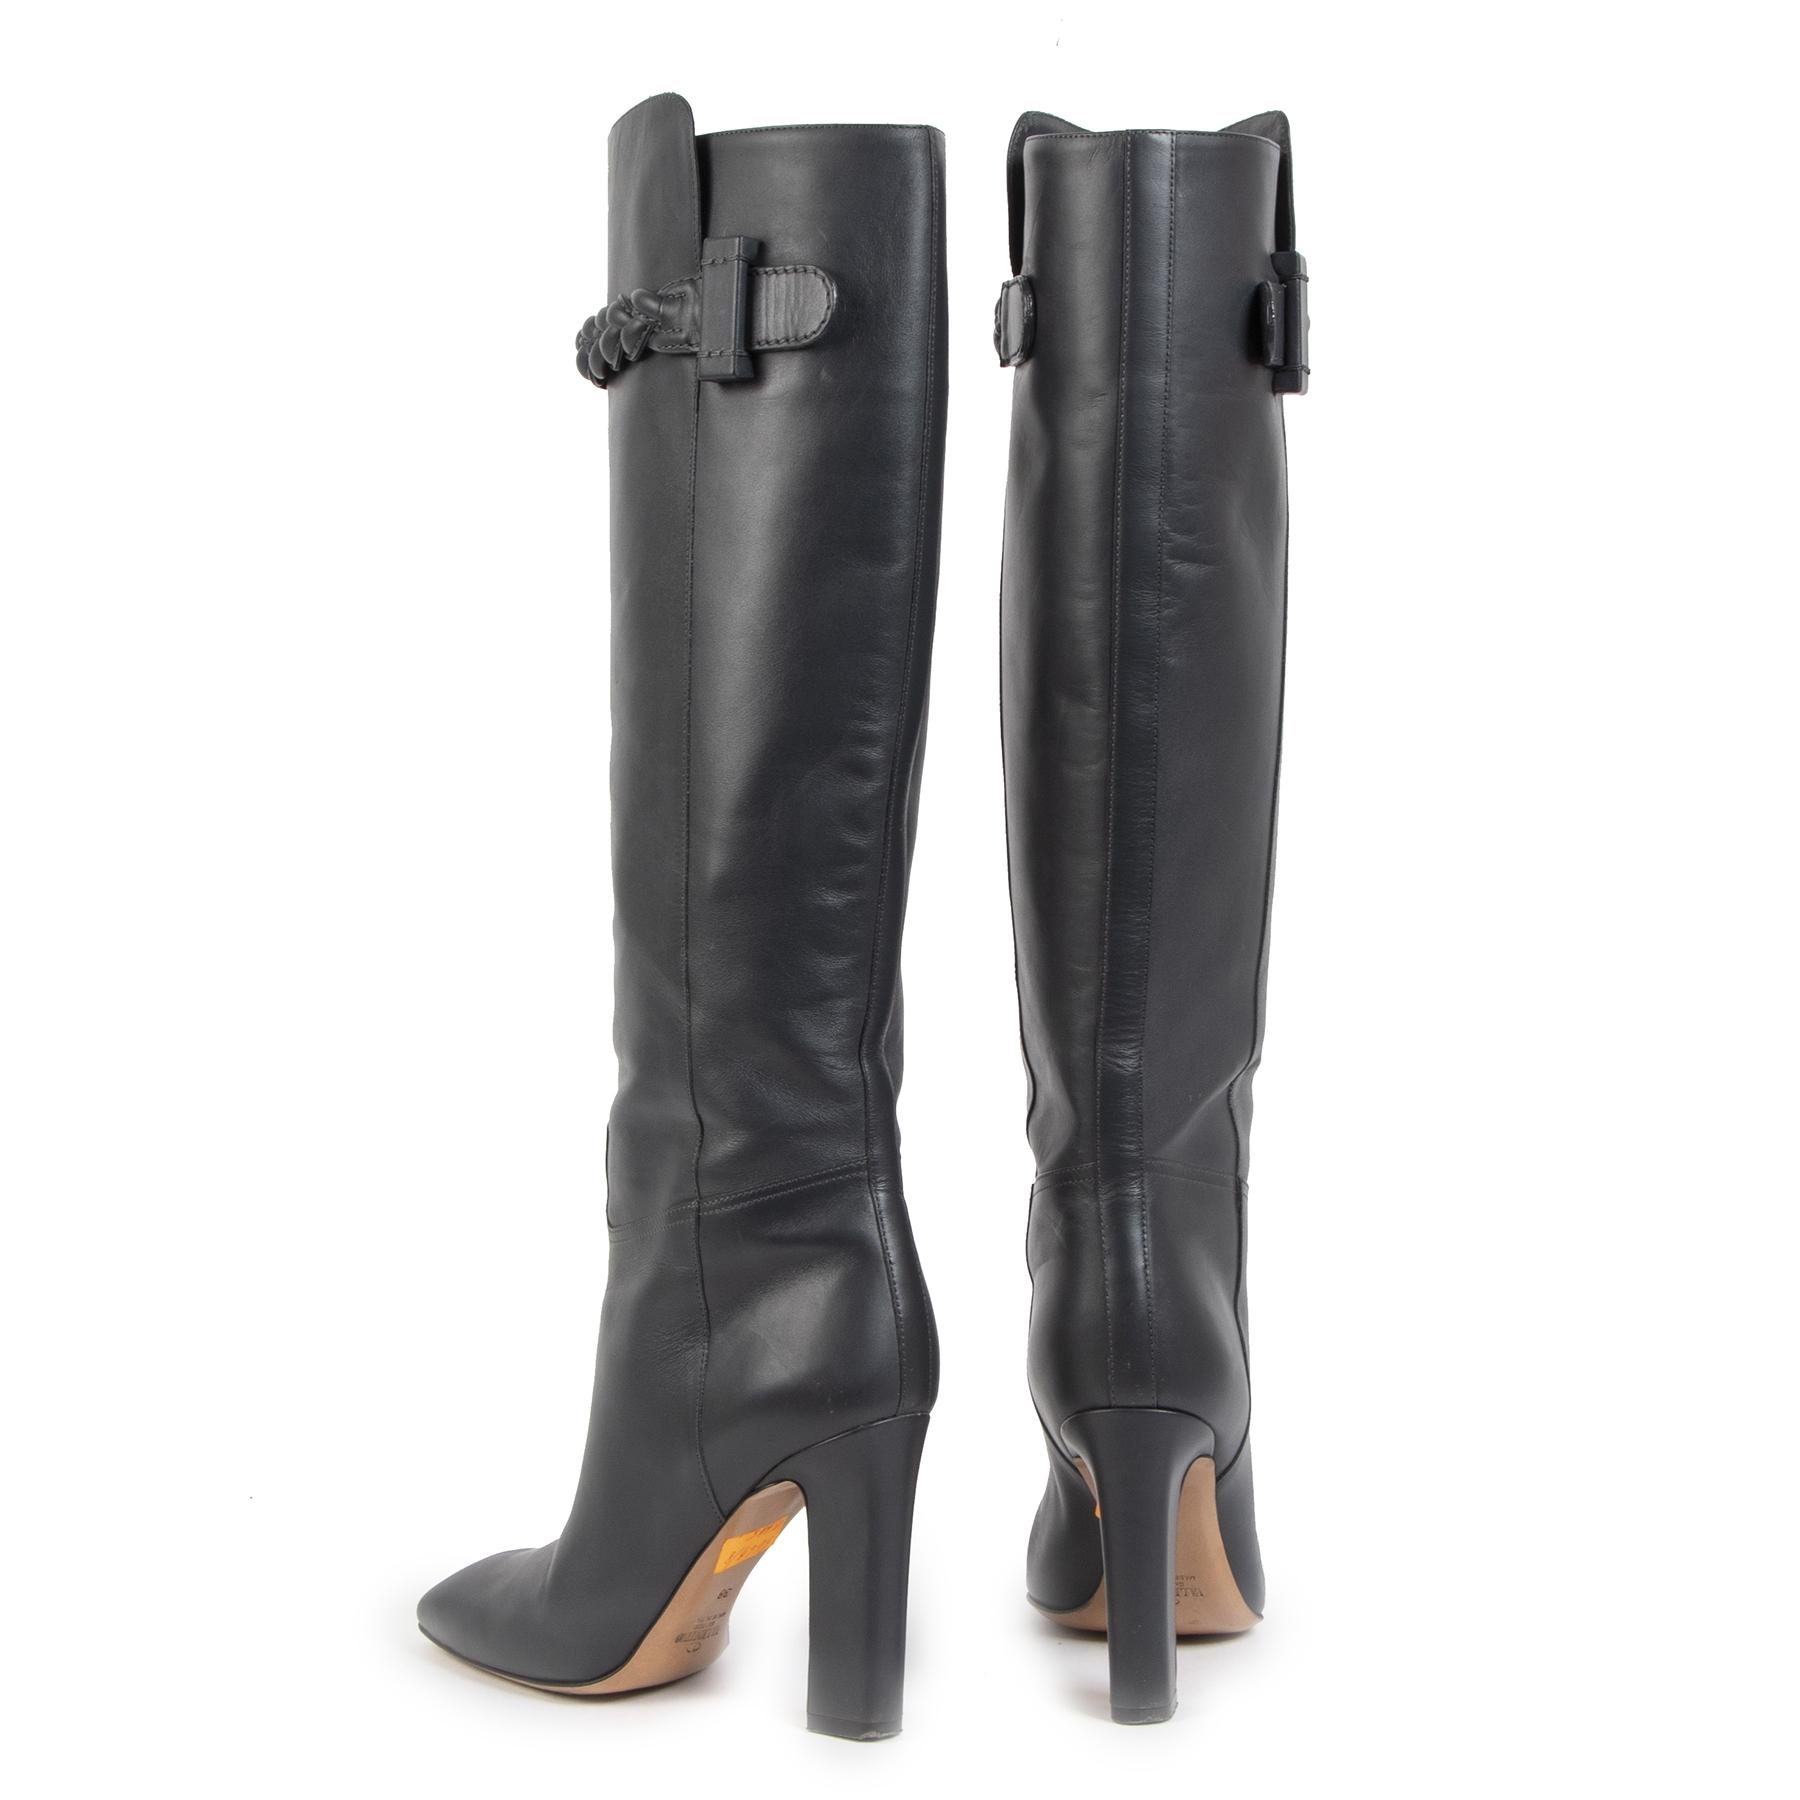 Authentieke Tweedehands Valentino Dark Grey Knee High Braided Boots - Size 38 juiste prijs veilig online shoppen luxe merken webshop winkelen Antwerpen België mode fashion